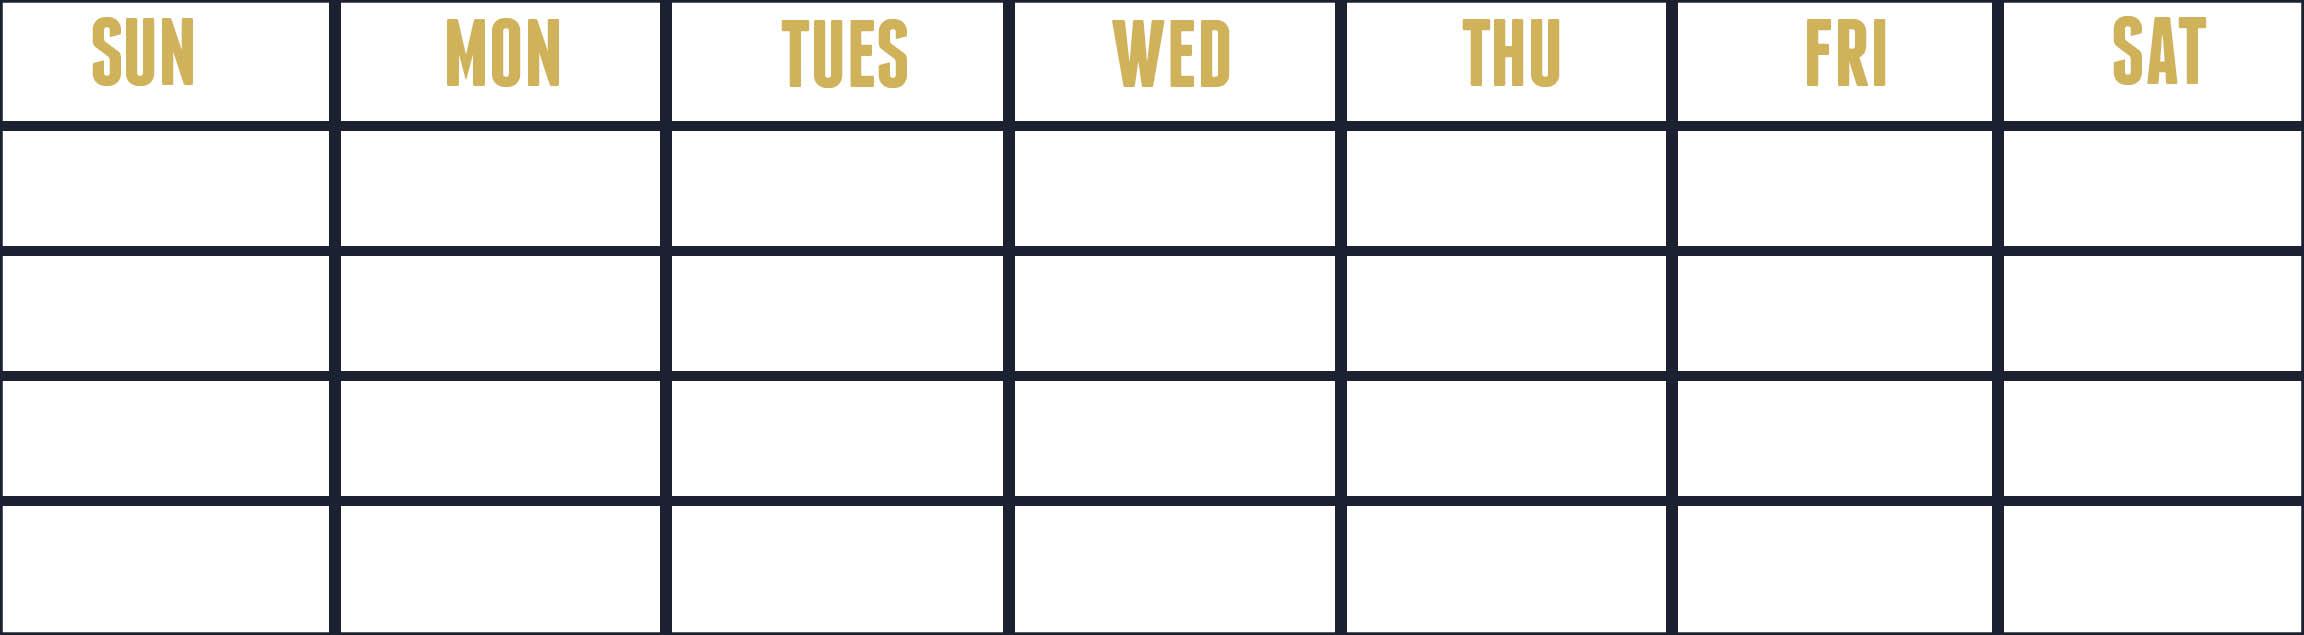 TBM social media calendar.jpg